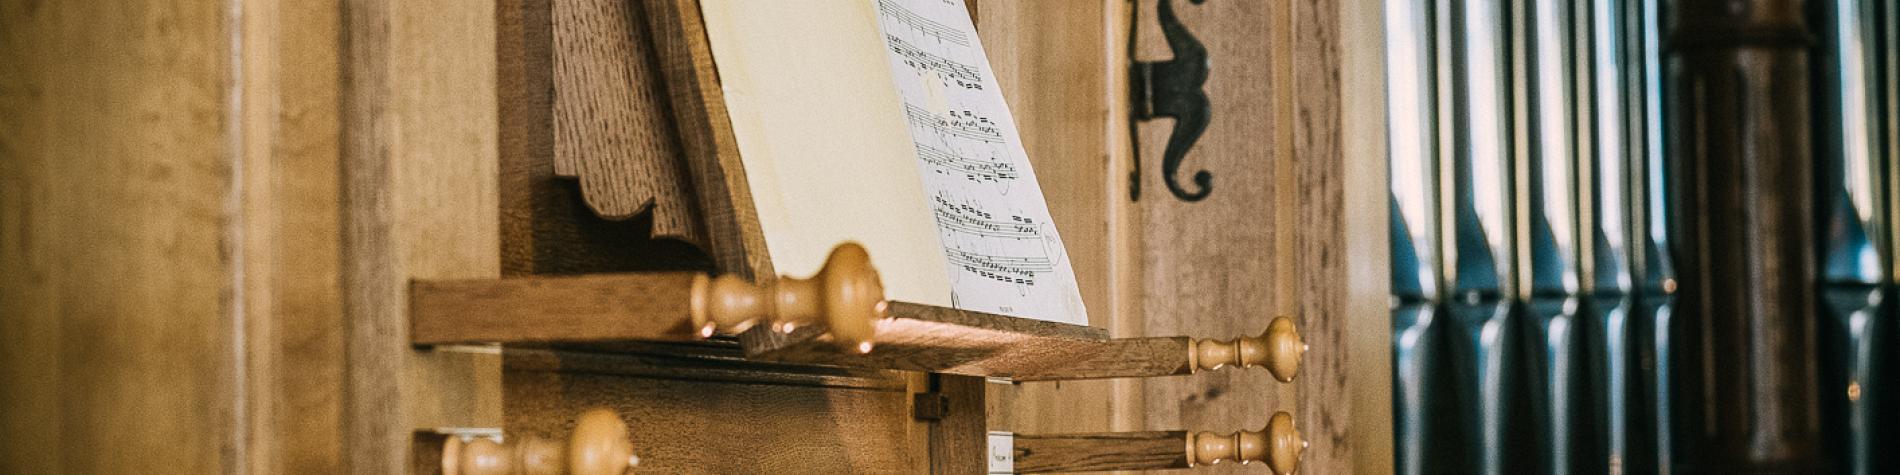 Festival d'Orgues à Namur - Orgue Ton Koopman